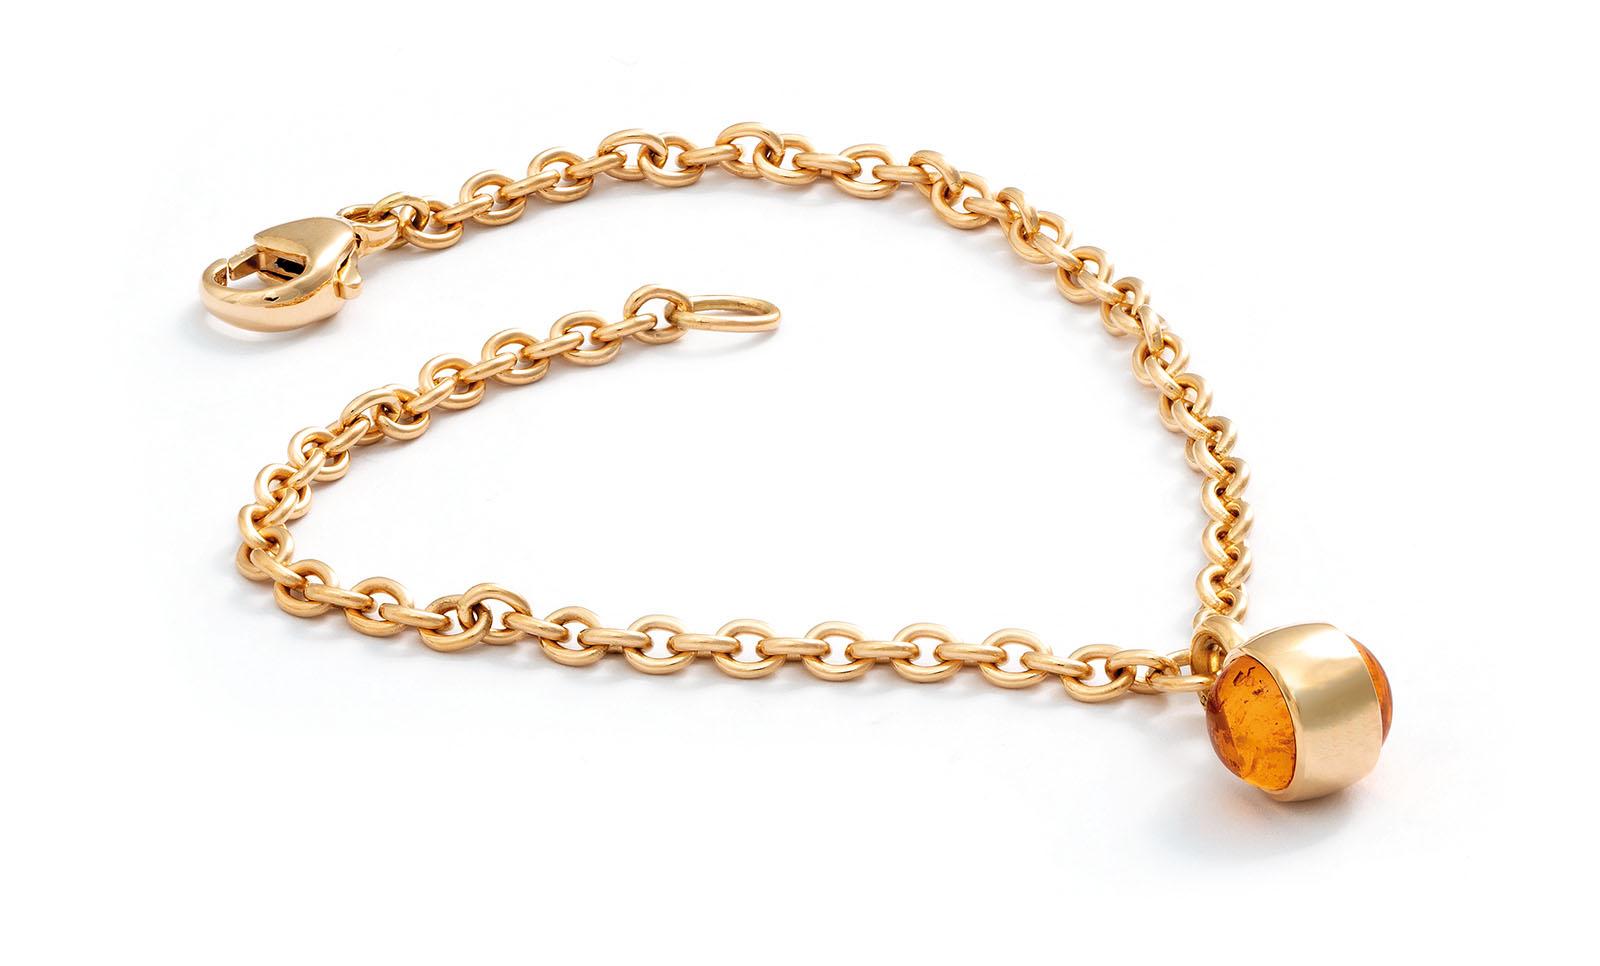 Mandaringranate, 750 Gelbgold